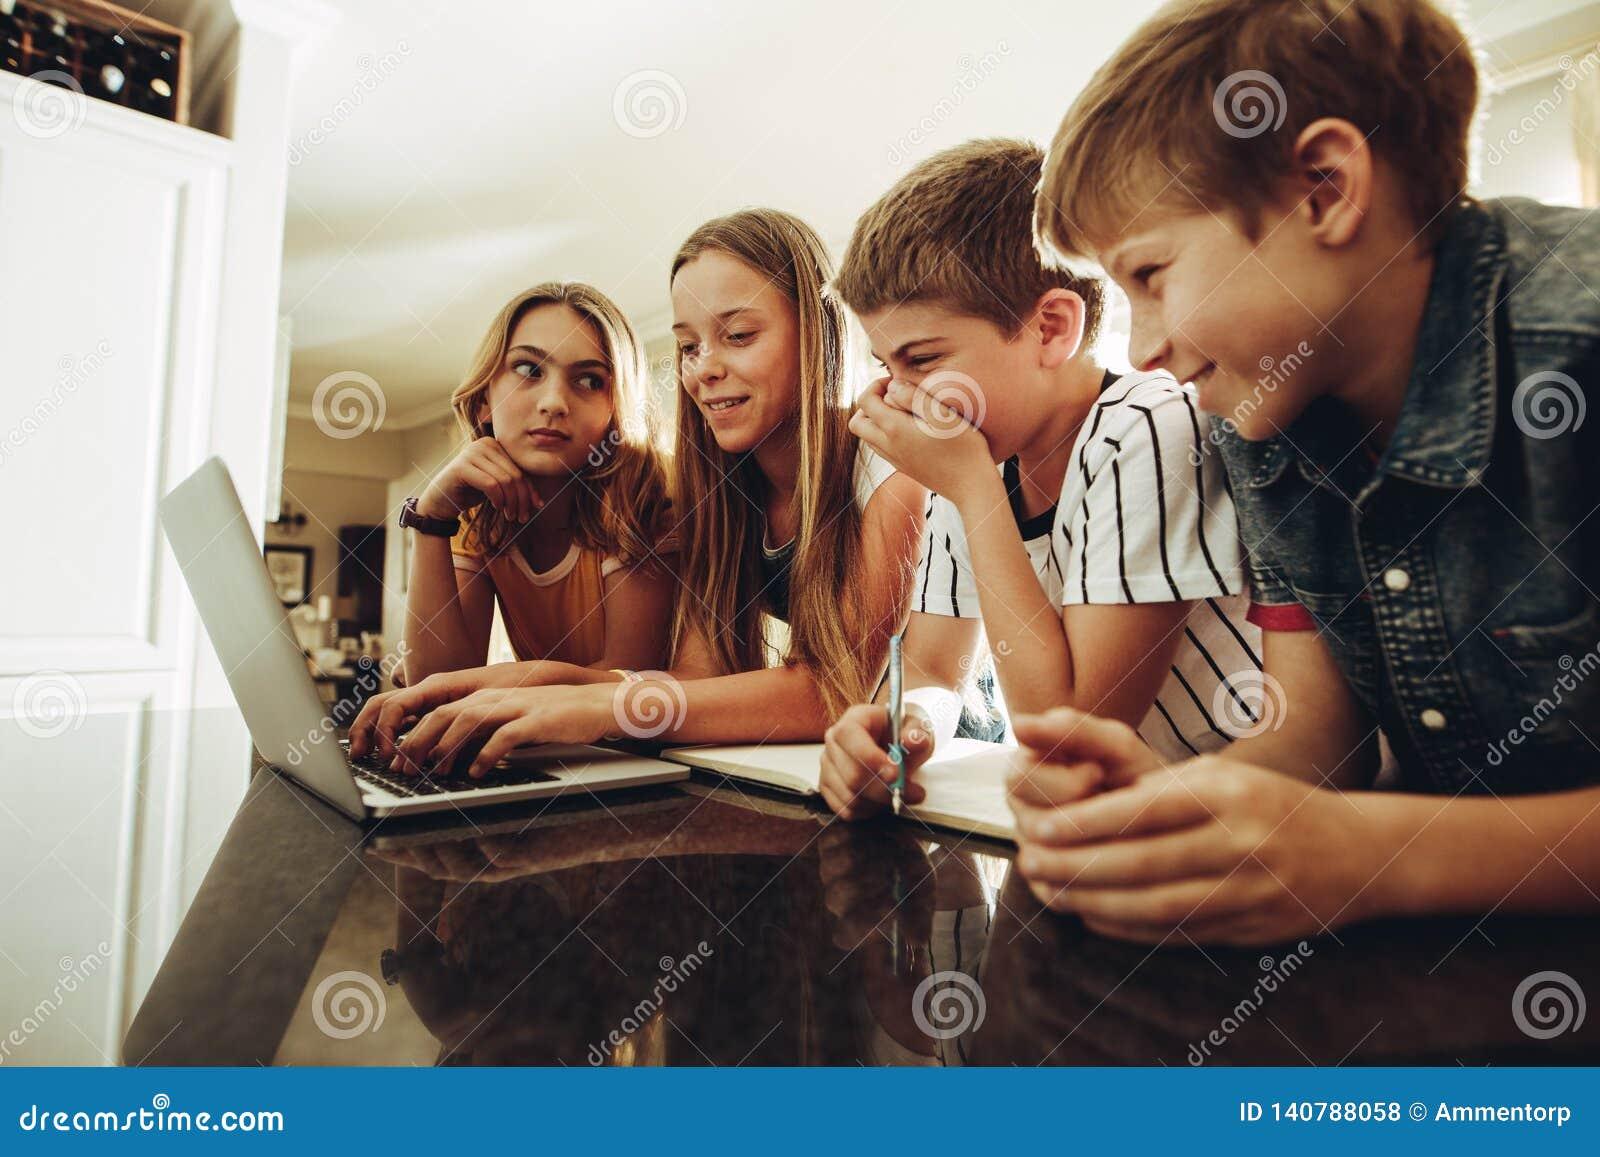 分享知识的孩子使用技术